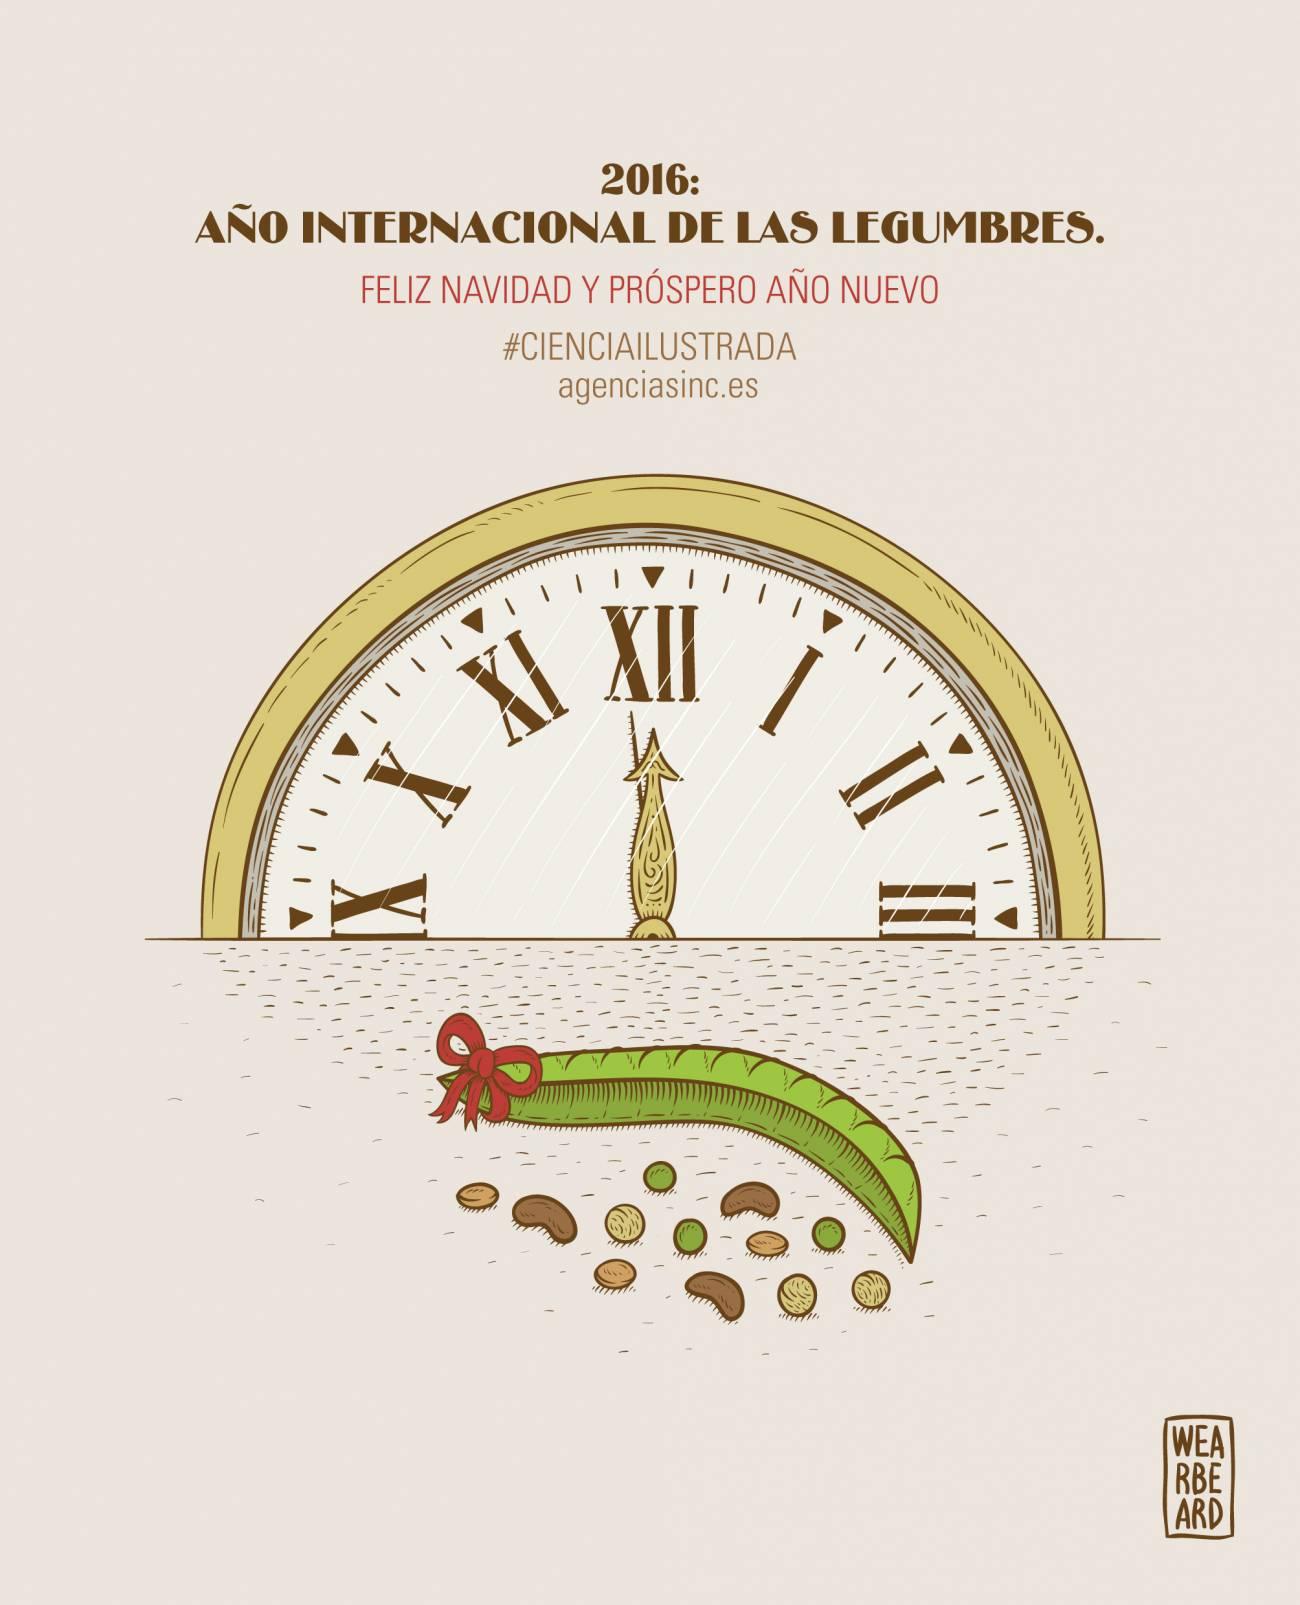 Ilustración Año Internacional de las Legumbres 2016./ Wearbeard